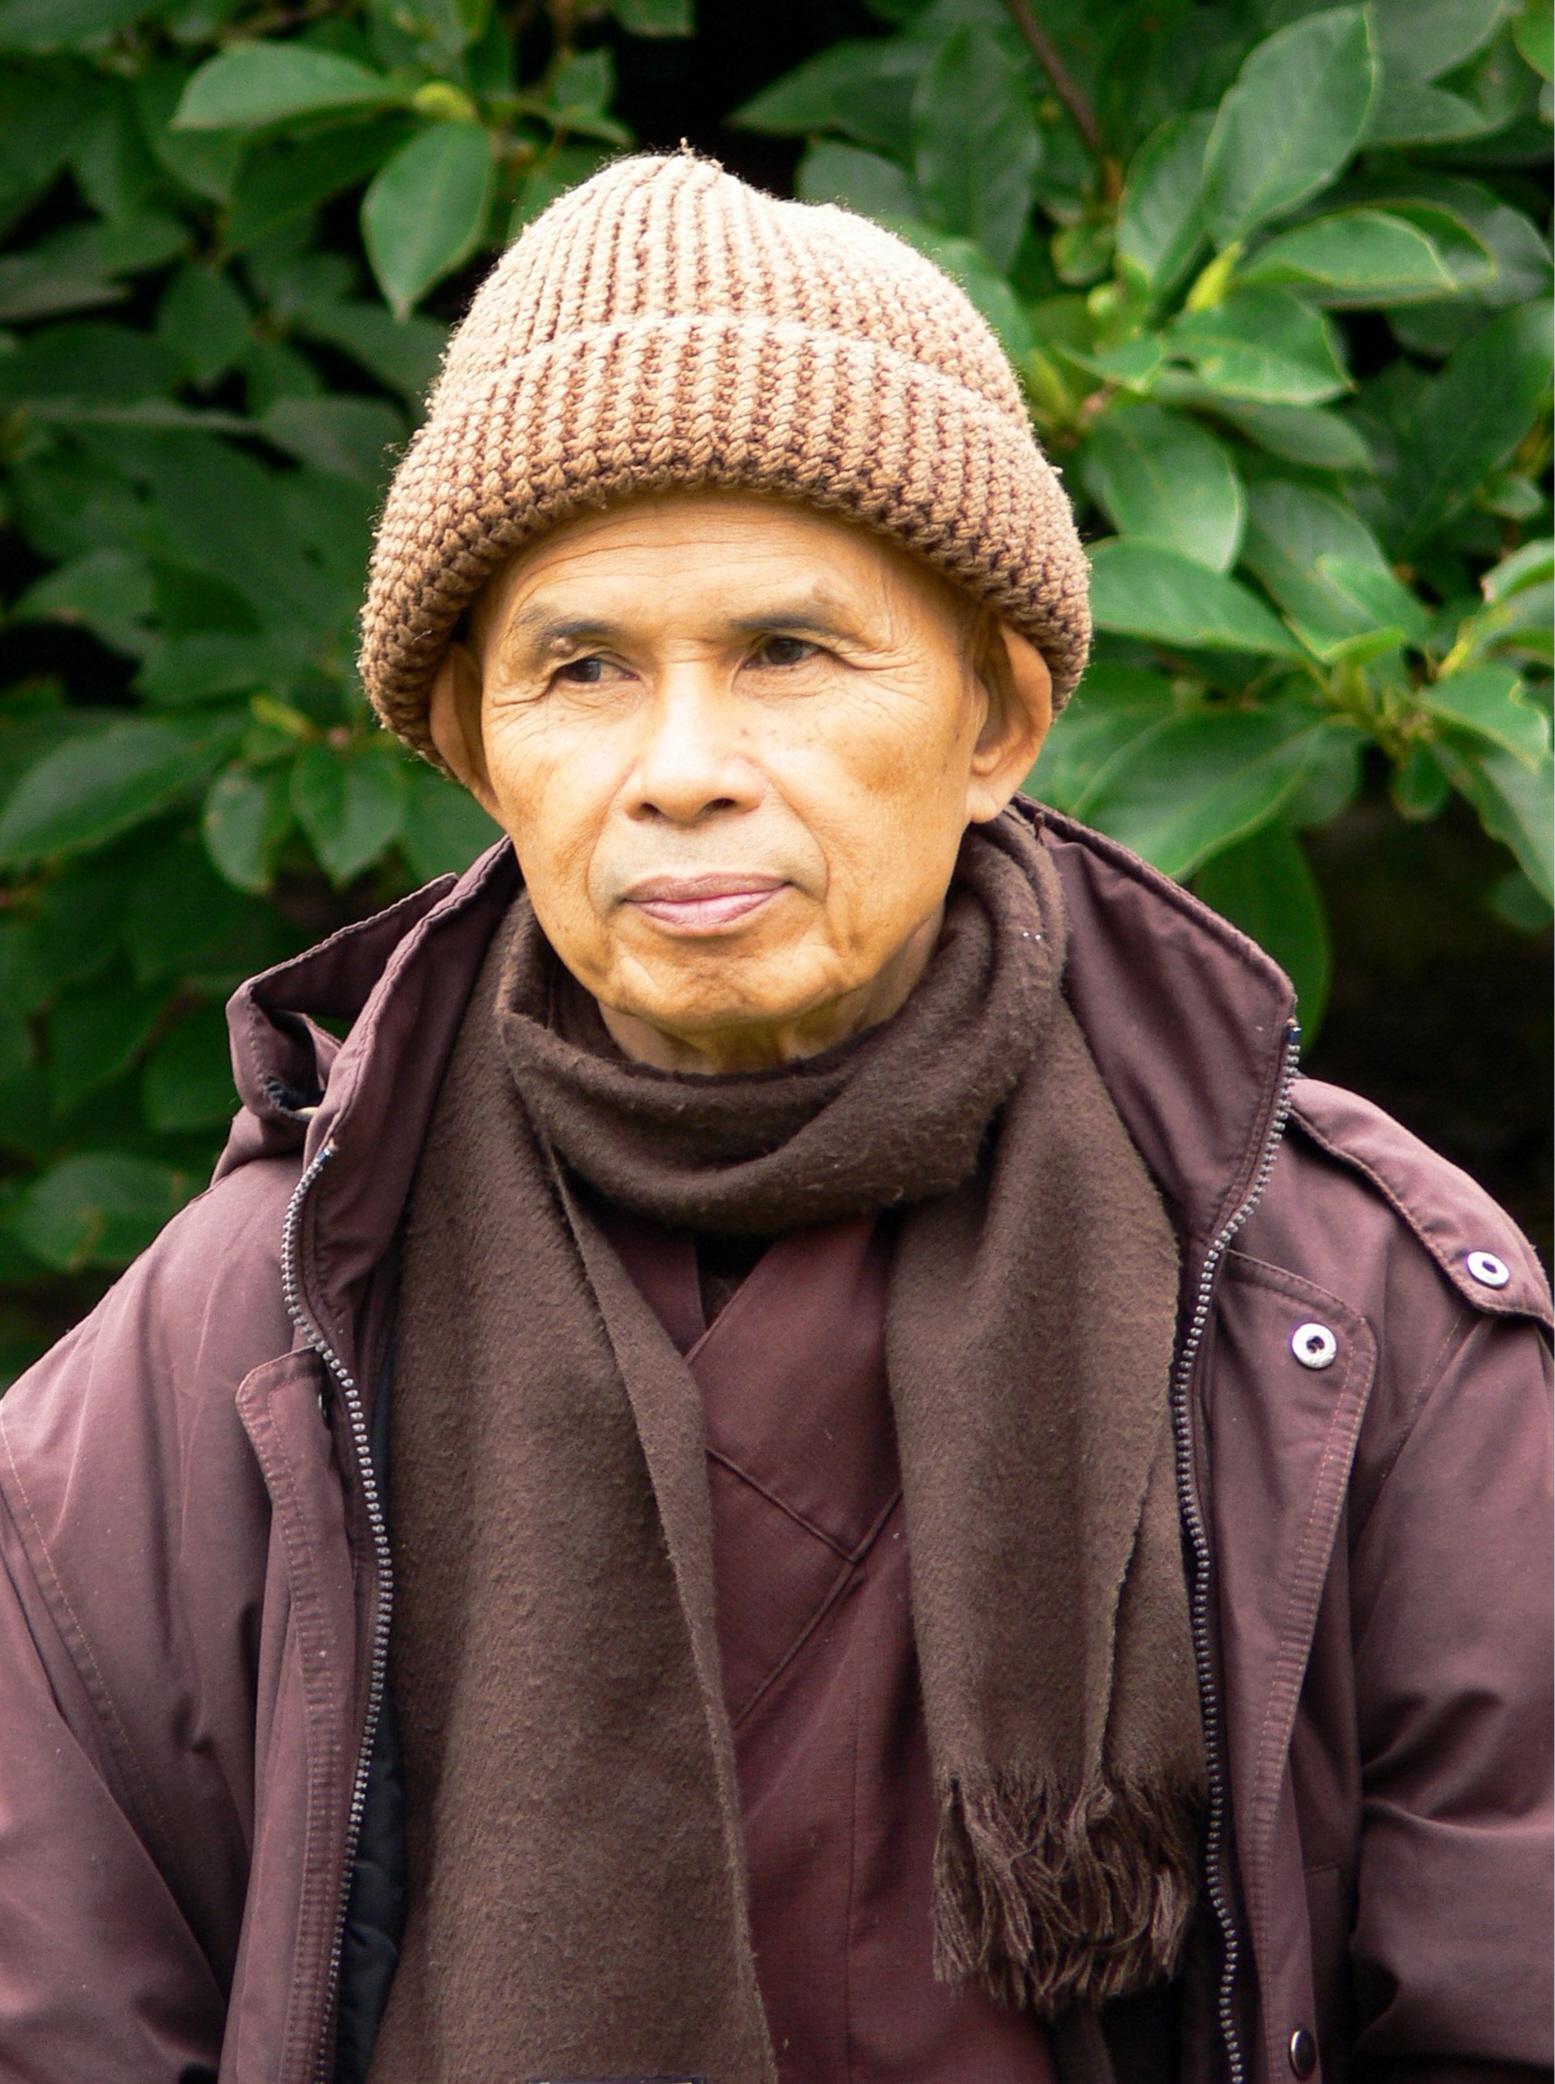 """Thich Nhat Hanh: """"Annaffiate i semi di pace e gioia in voi, ogni giorno. Gioite del momento presente e condividete pace e amore con gli altri. Questa è vera preghiera. """"."""